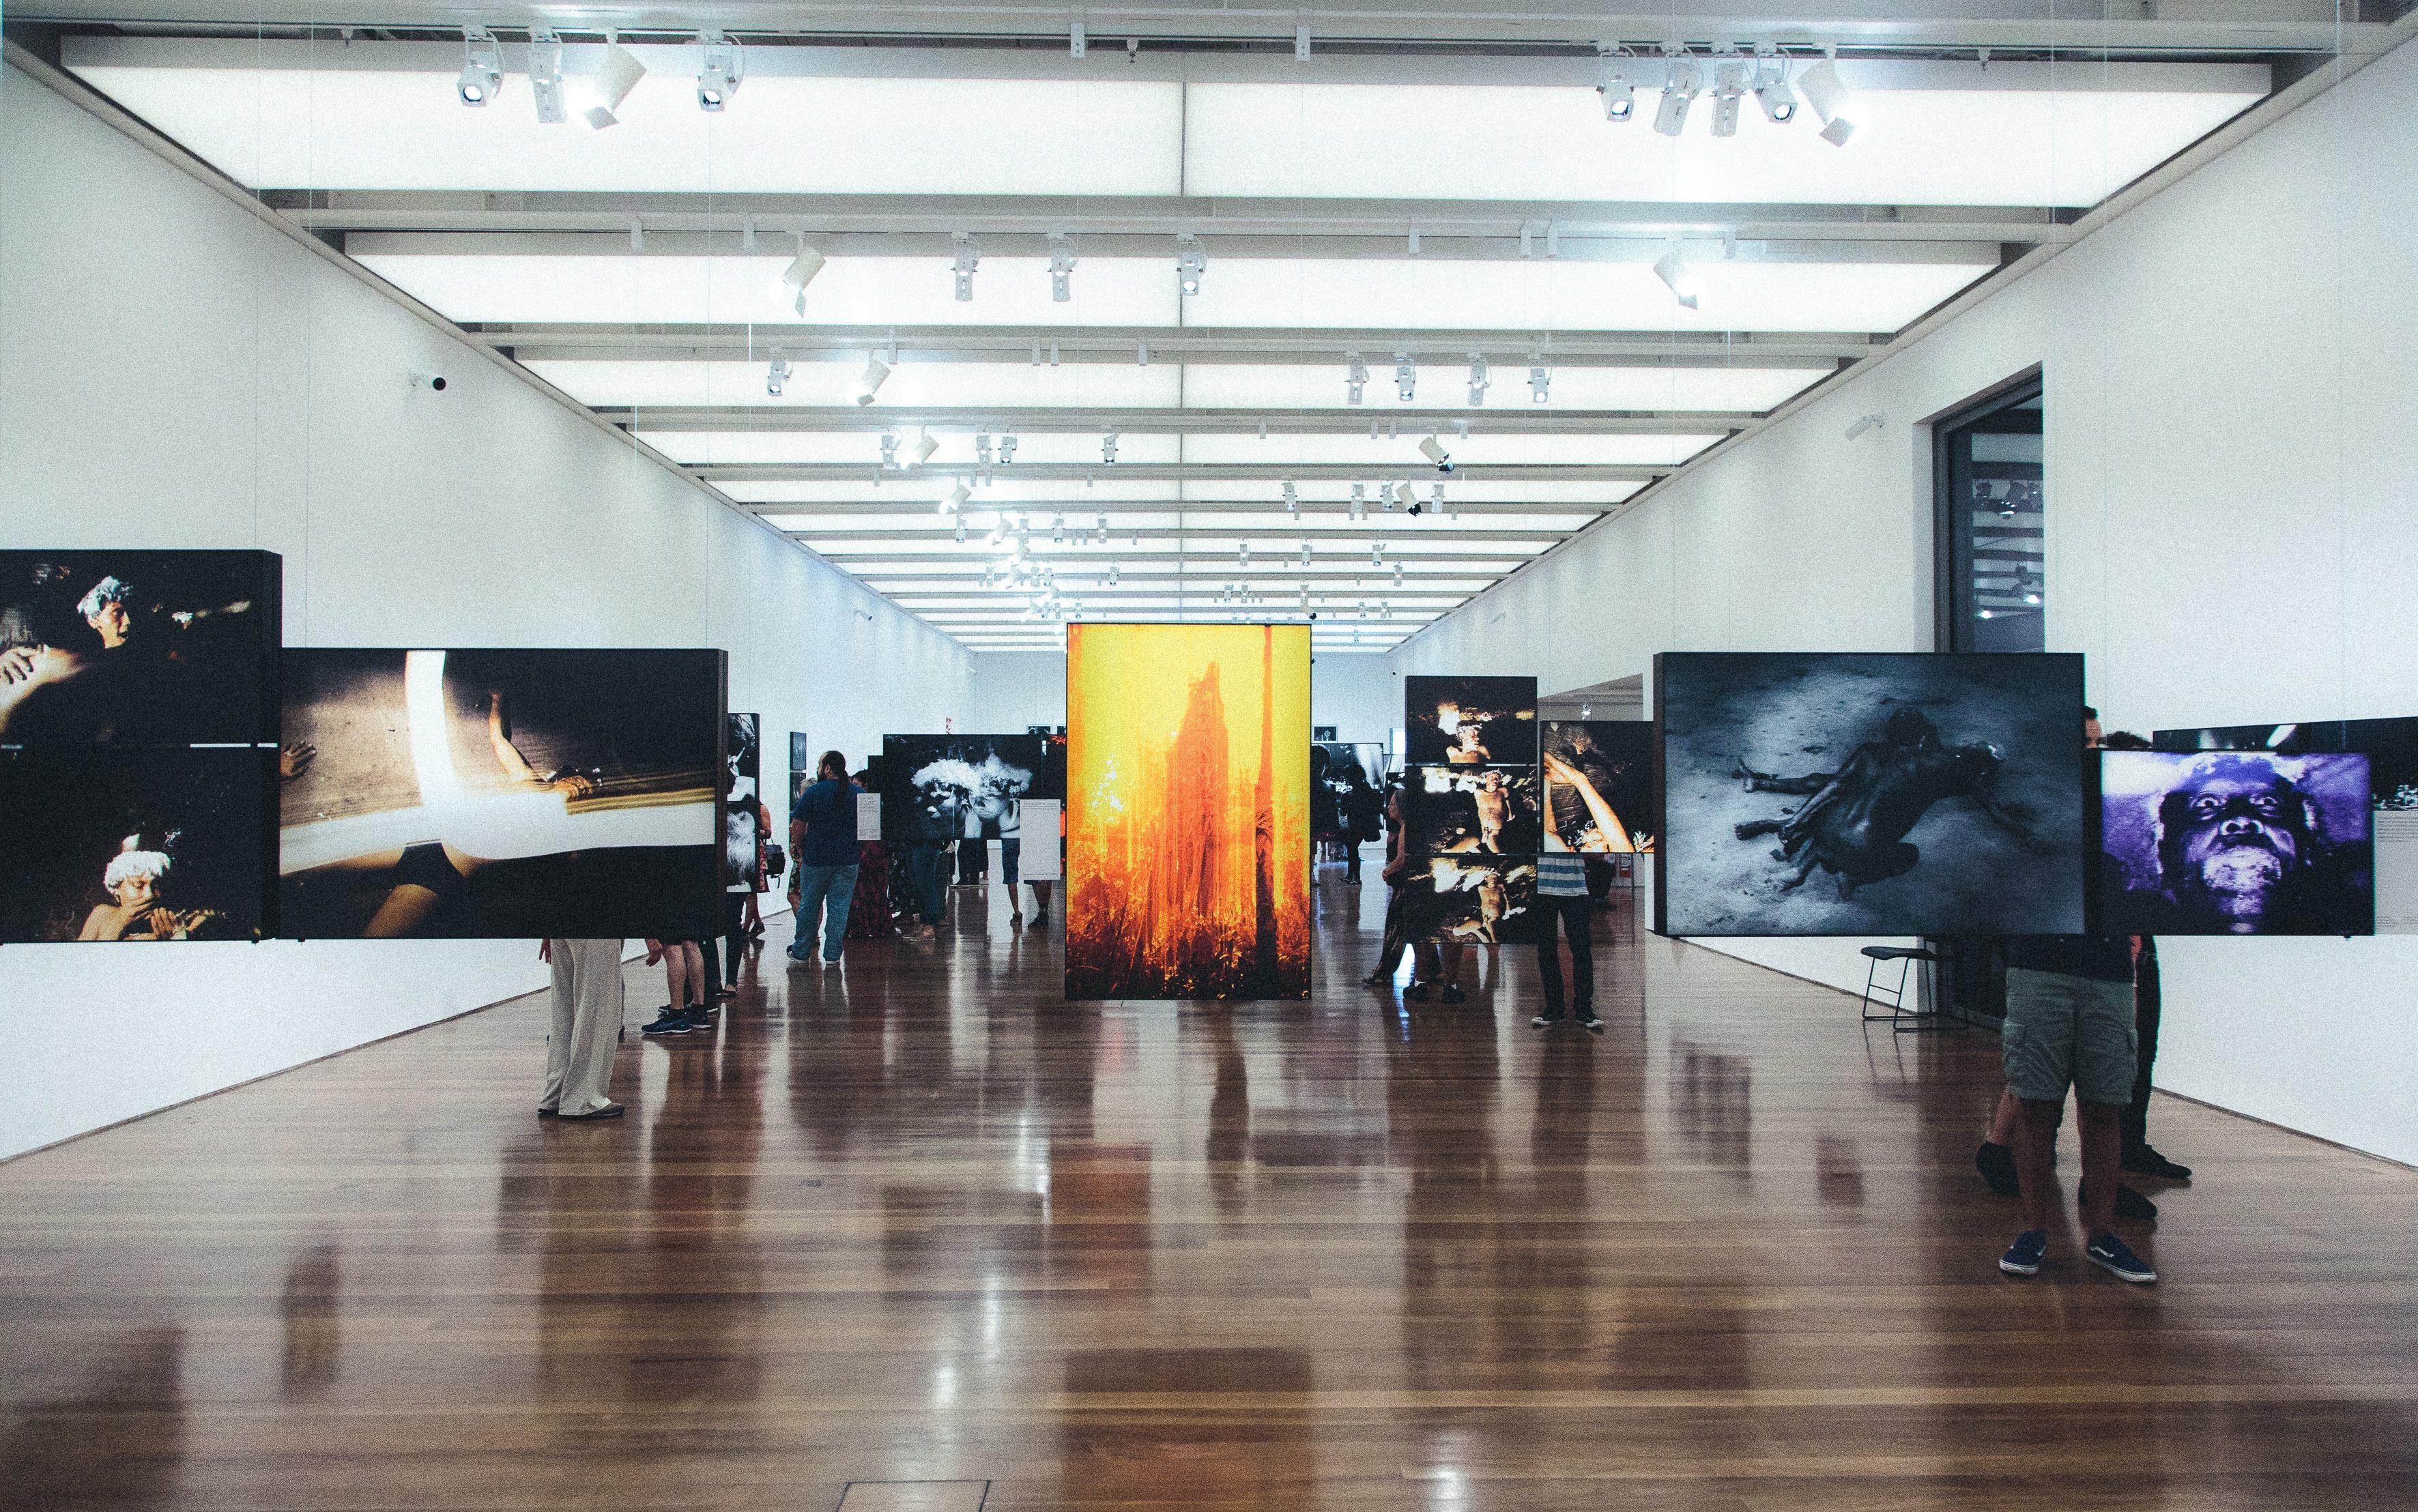 Salle d'exposition remplie de visiteurs.